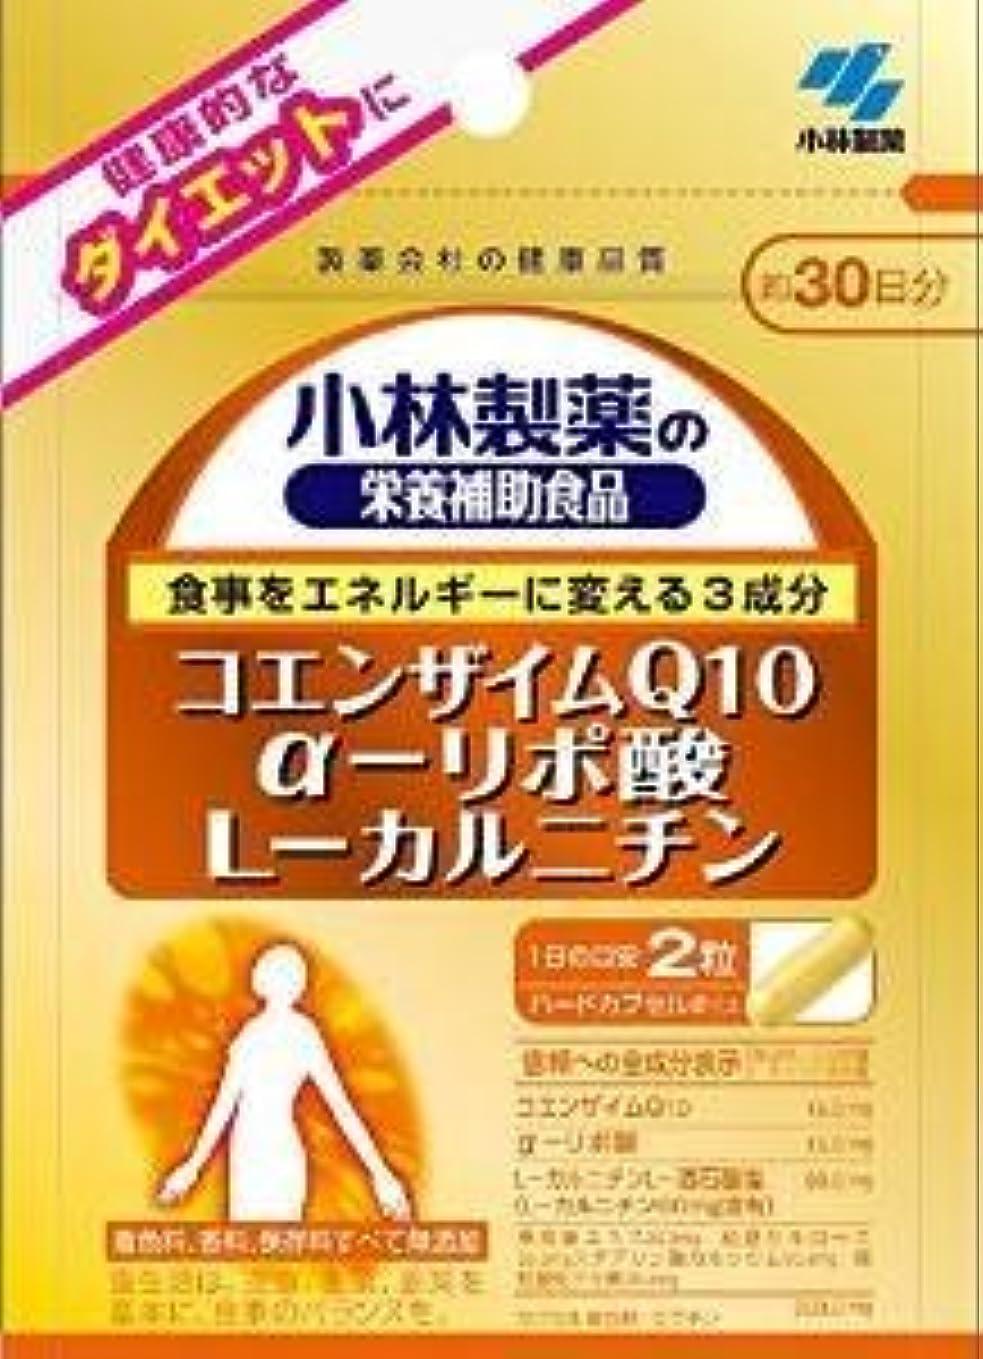 貢献壁合理化小林製薬 小林製薬の栄養補助食品コエンザイムQ10α-リポ酸L-カルニチン60粒×5袋